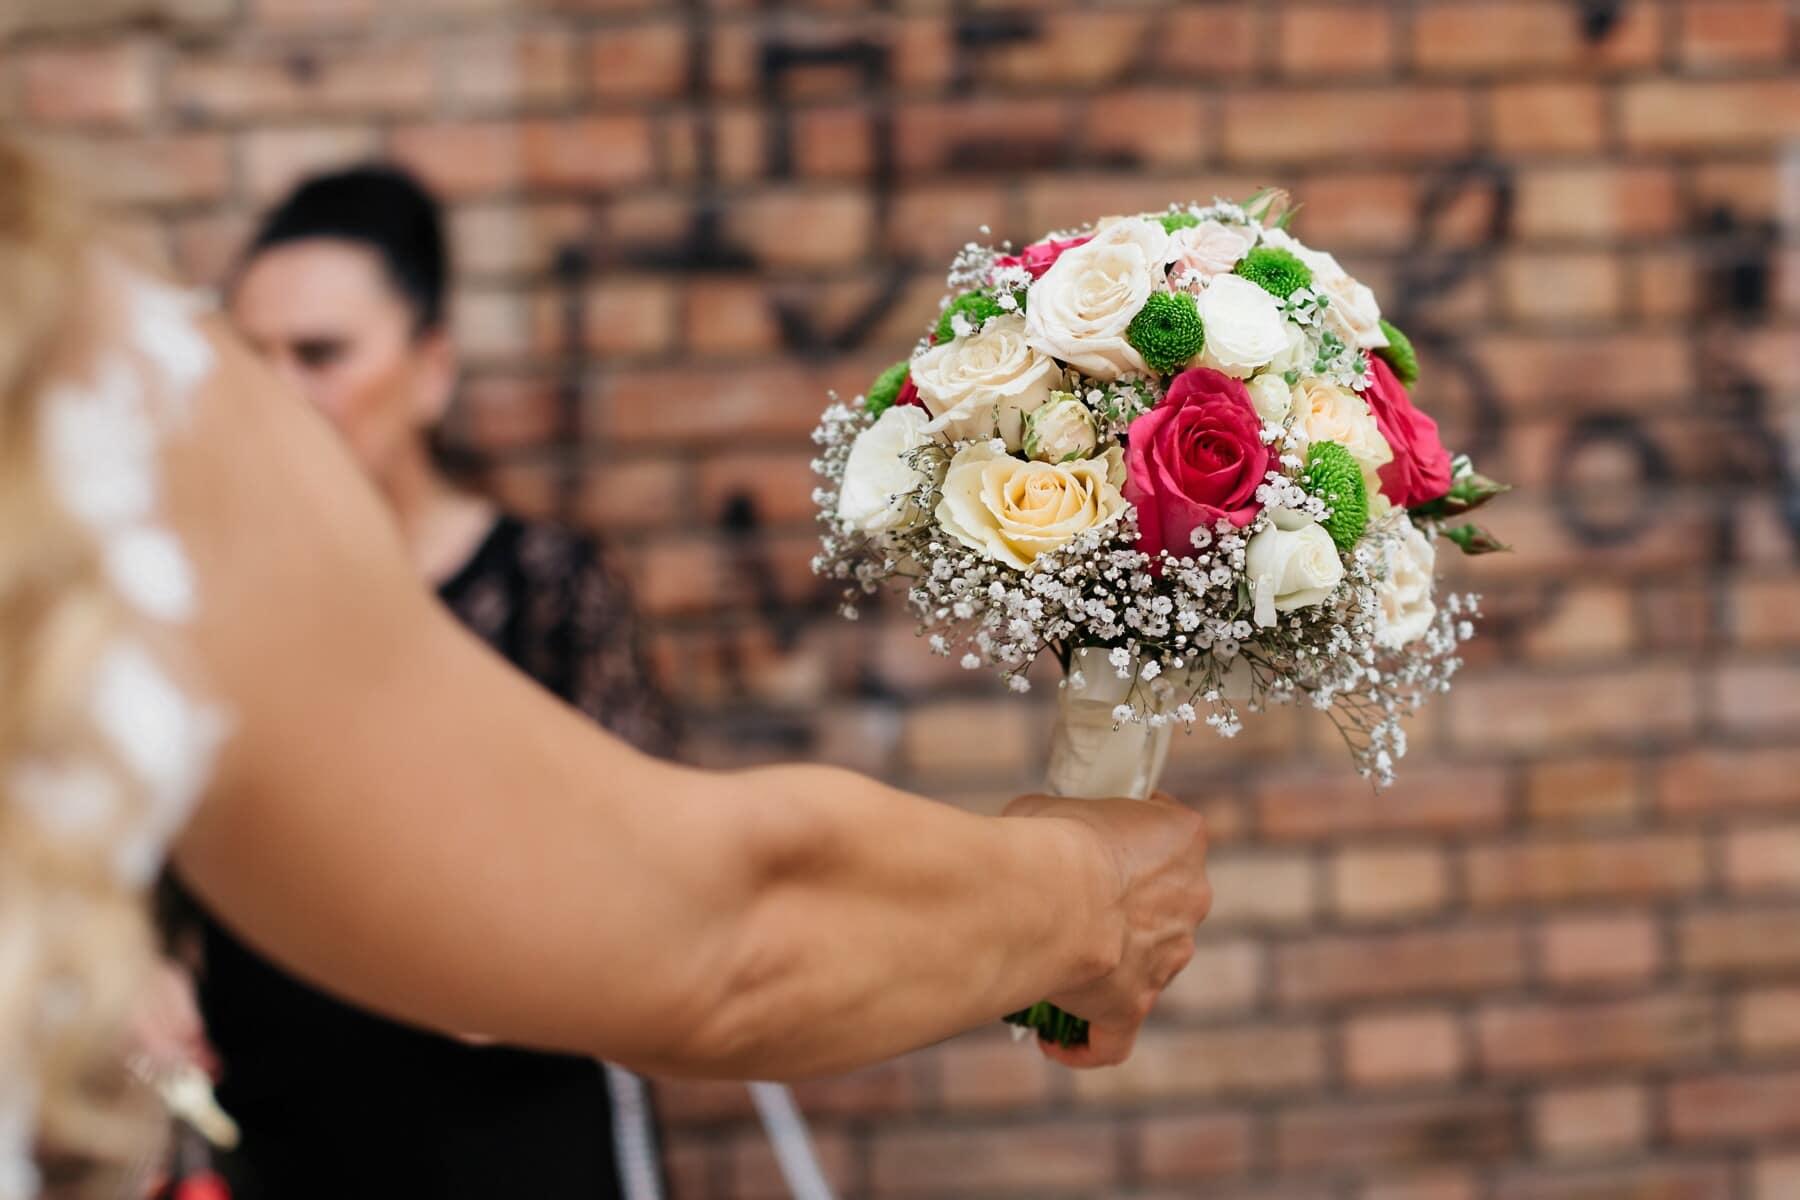 la mariée, bouquet de mariage, fait main, main, mariage, romance, bouquet, femme, amour, cérémonie